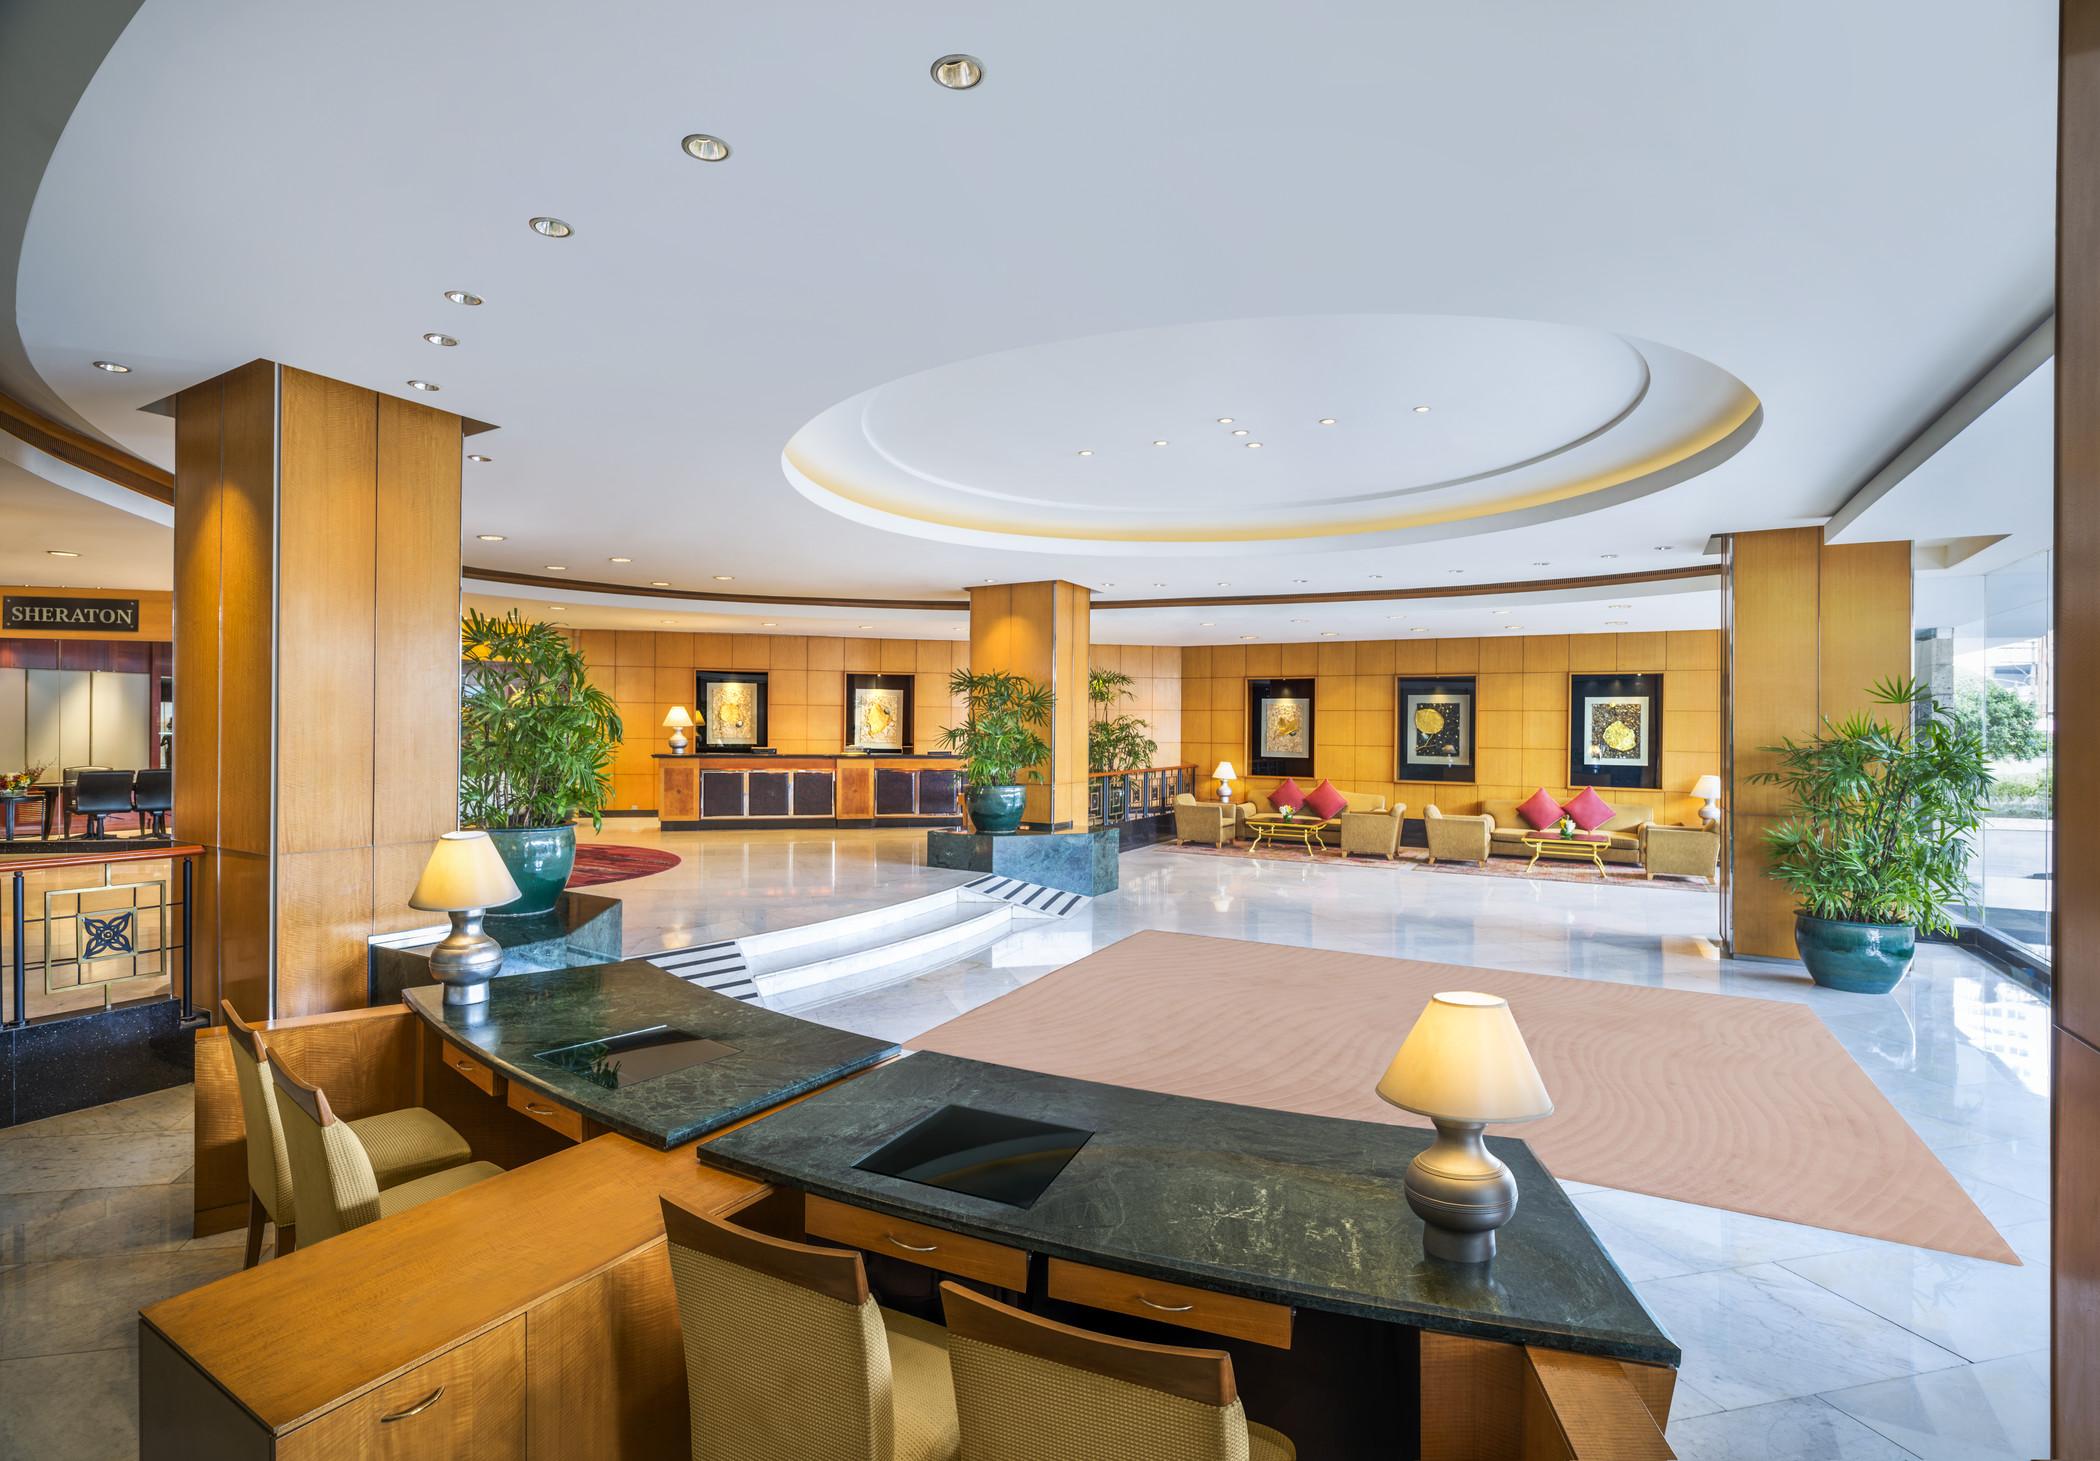 Royal Orchid Sheraton Hotel Amp Towers Bangkok River